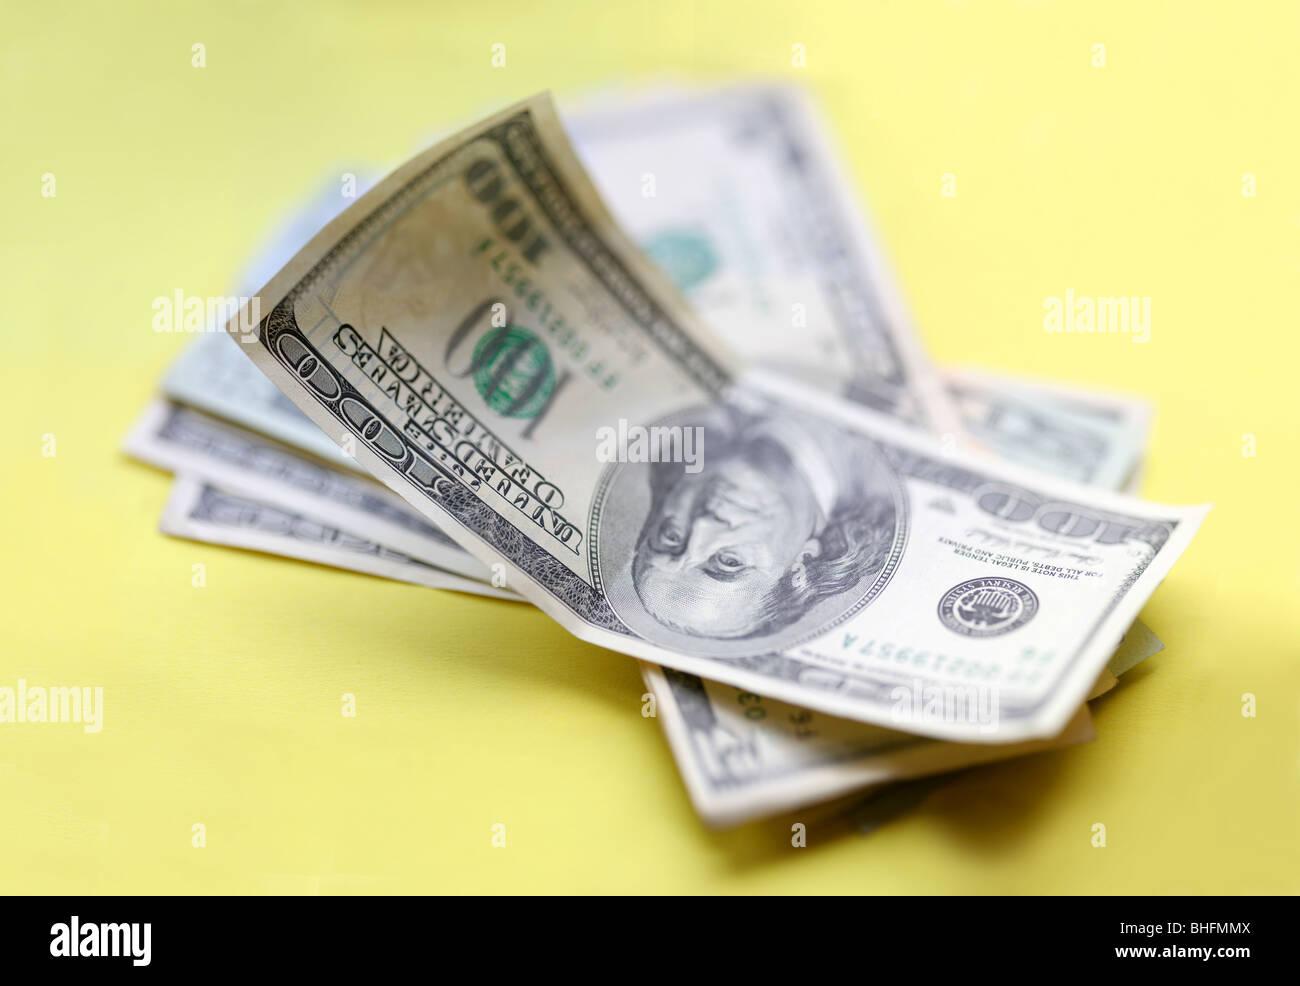 US-Dollar. Ein Stück des Geldes auf gelbem Hintergrund. Stockbild